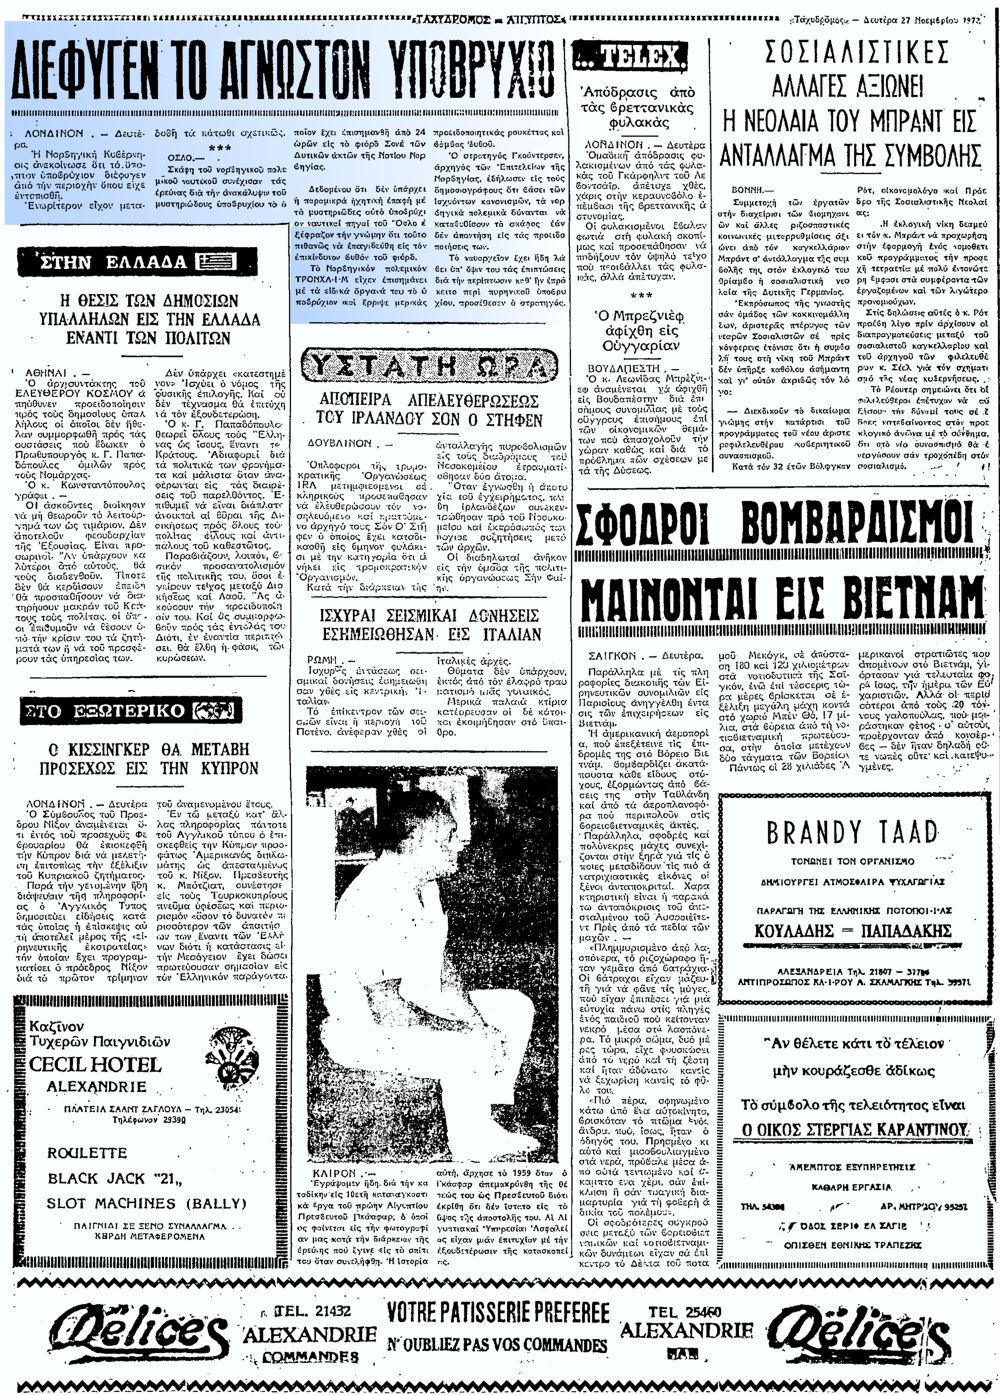 """Το άρθρο, όπως δημοσιεύθηκε στην εφημερίδα """"ΤΑΧΥΔΡΟΜΟΣ"""", στις 27/11/1972"""